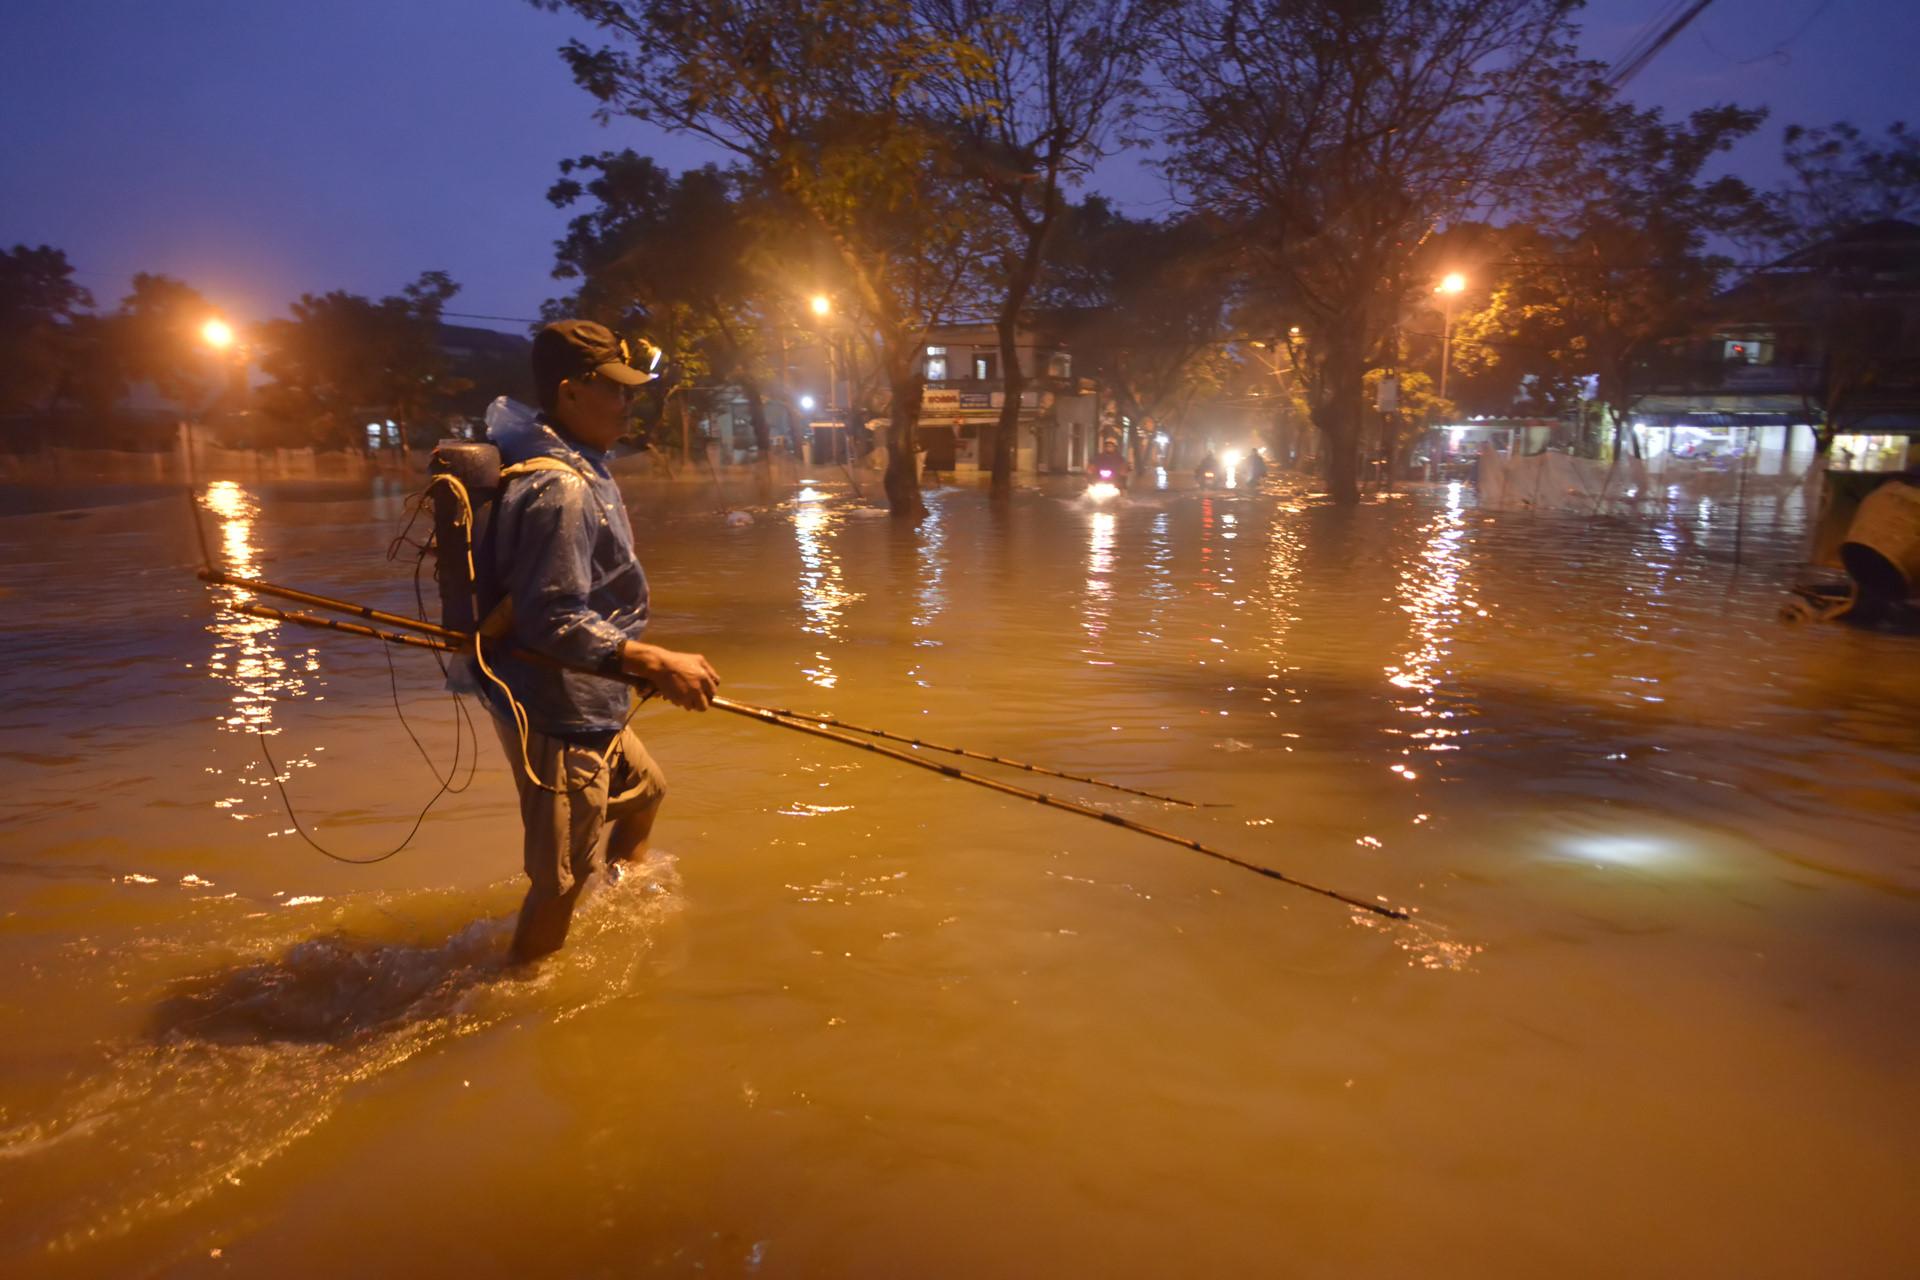 Đánh bắt cá bằng xung điện trên đường phố ở Huế